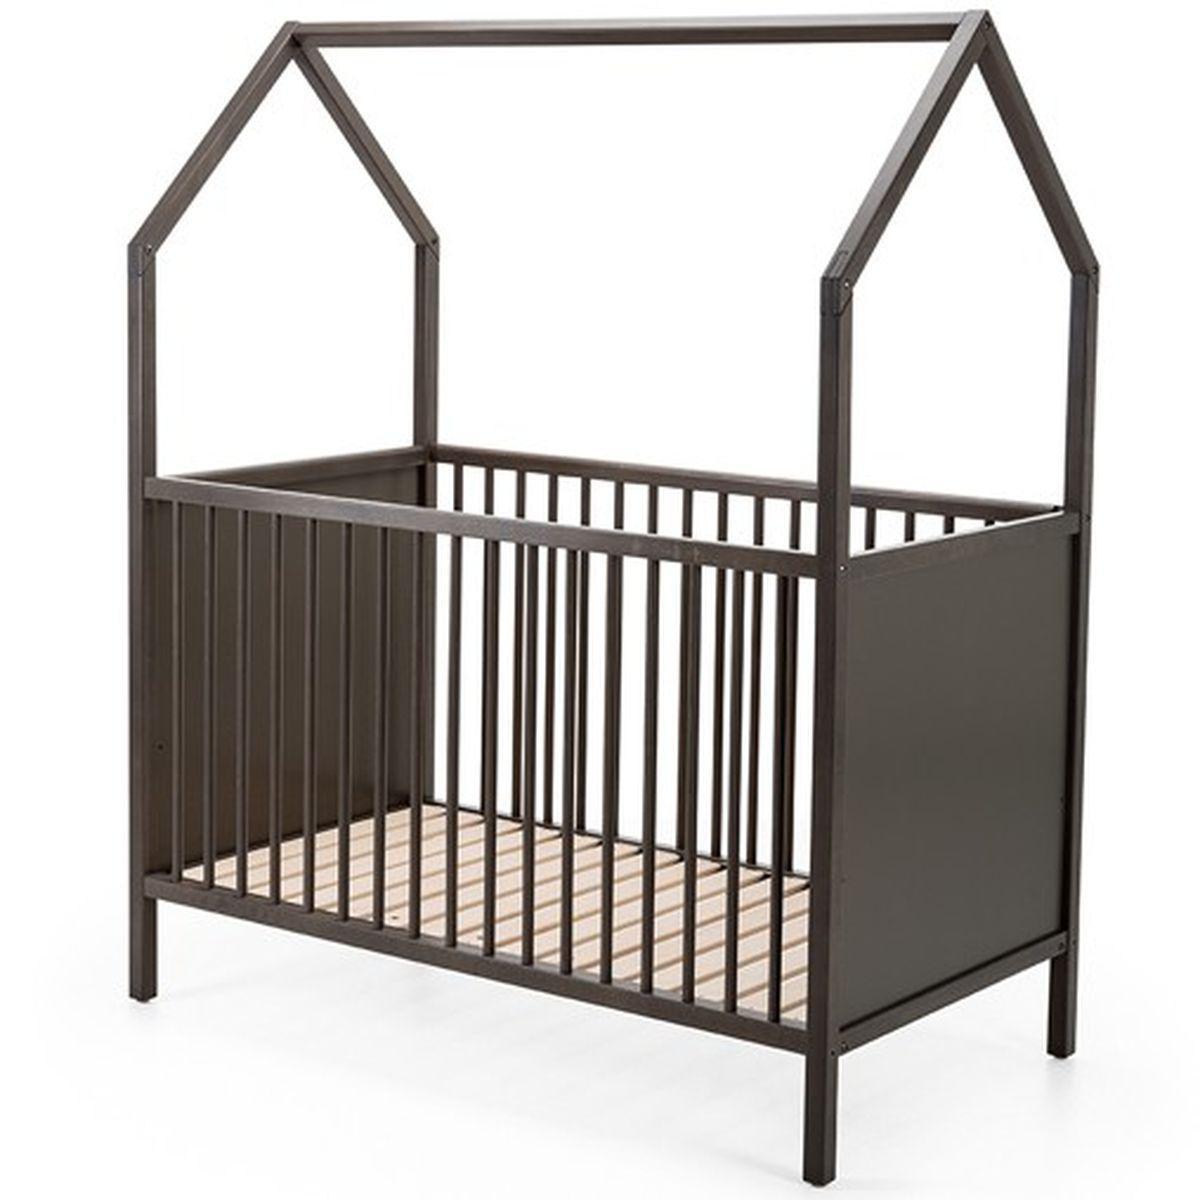 Cuna cama infantil HOME Stokke gris bruma